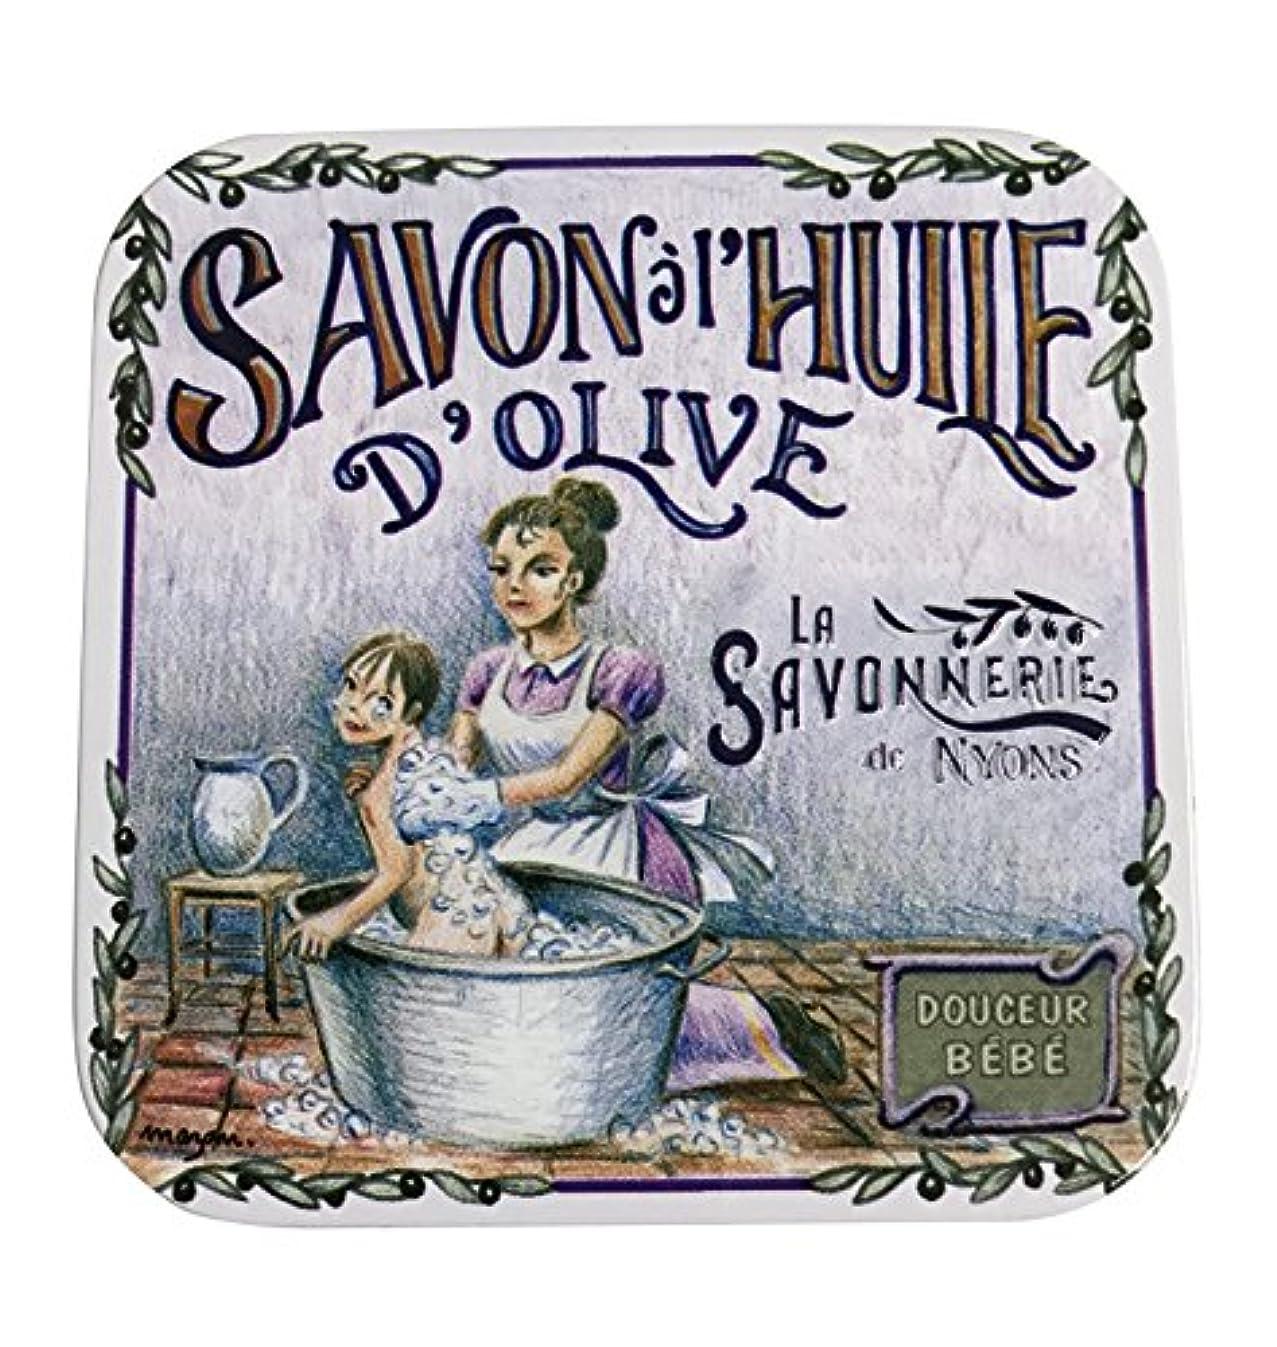 拡張郊外アセンブリラ?サボネリー アンティーク缶入り石鹸 タイプ100 ハウスワイフ(ローズ)